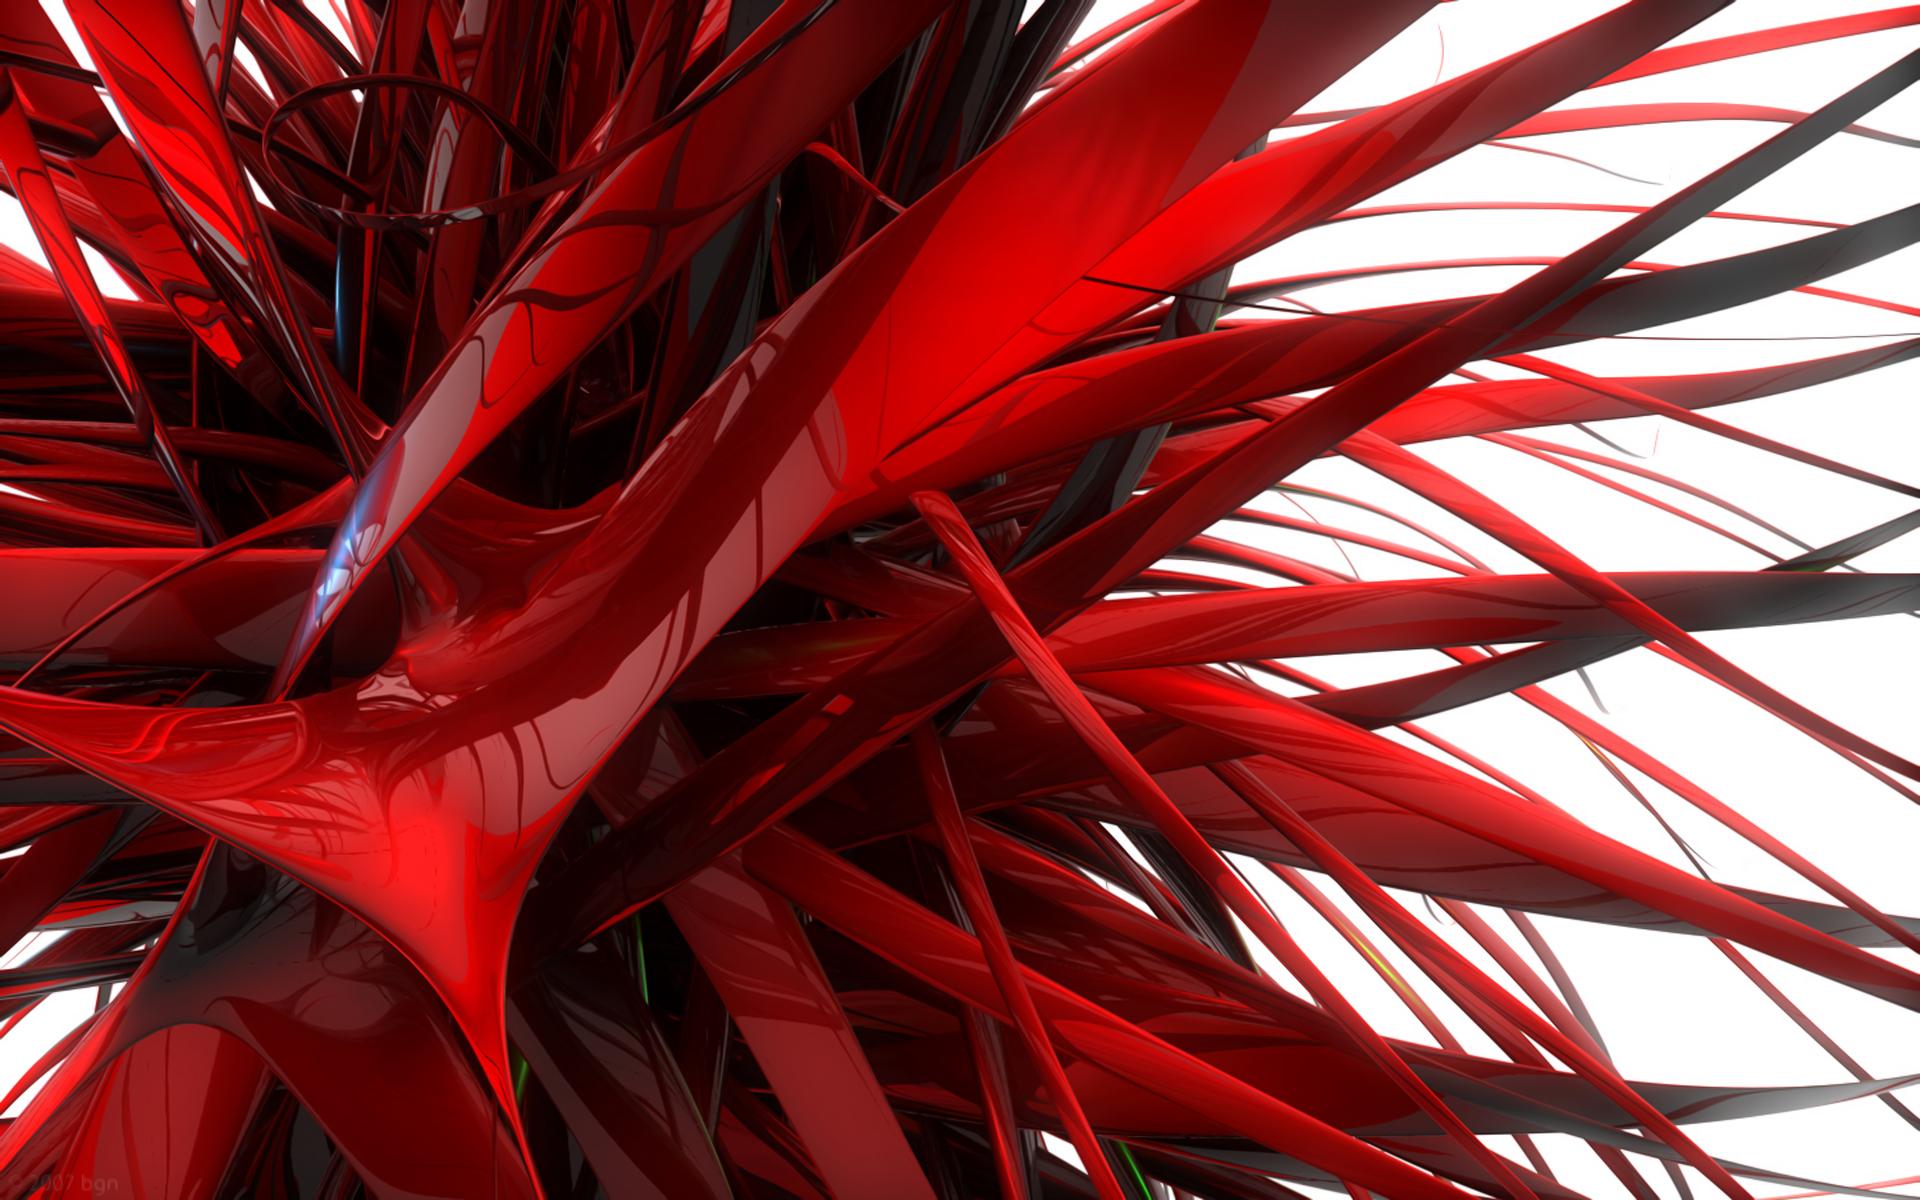 графика абстракция линии красные  № 3664234 бесплатно